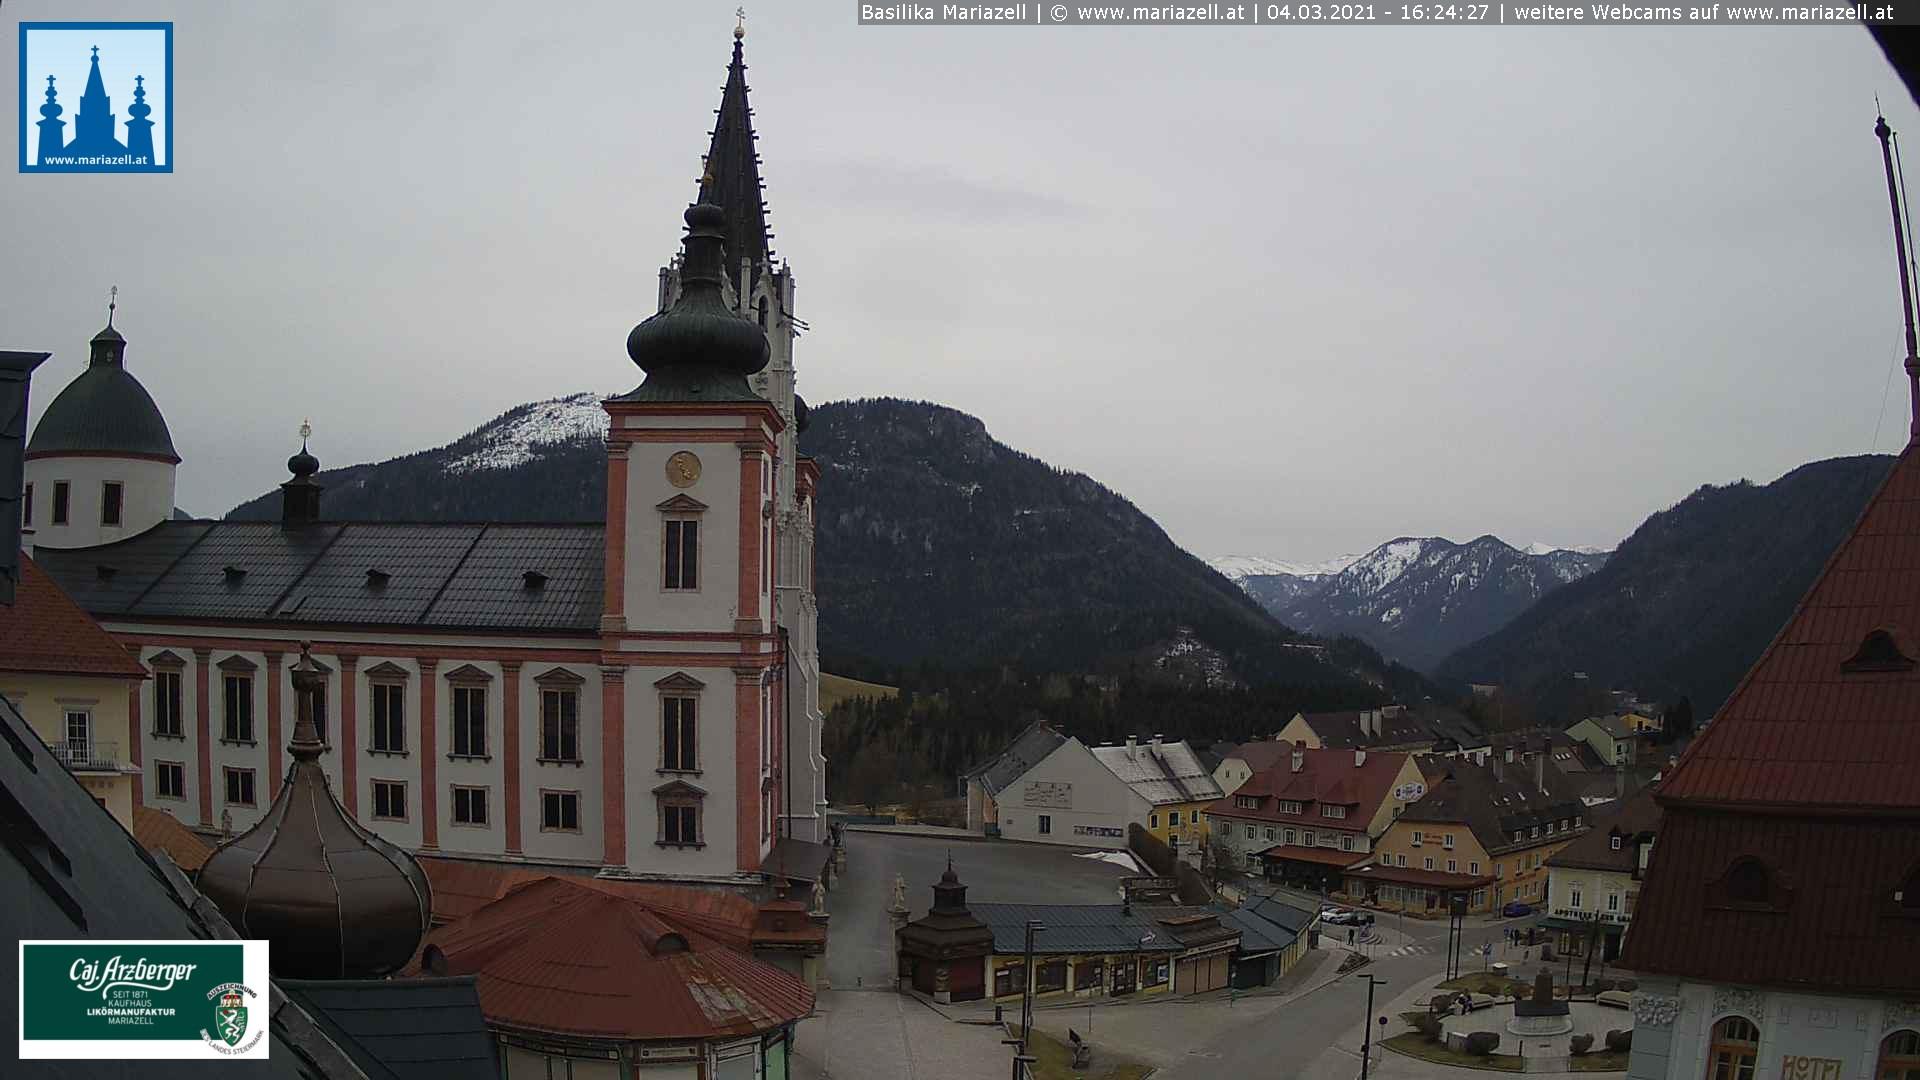 Basilika Mariazell - © Mariazell Online mit freundlicher Unterstützung von Kaufhaus & Likörmanufaktur Arzberger